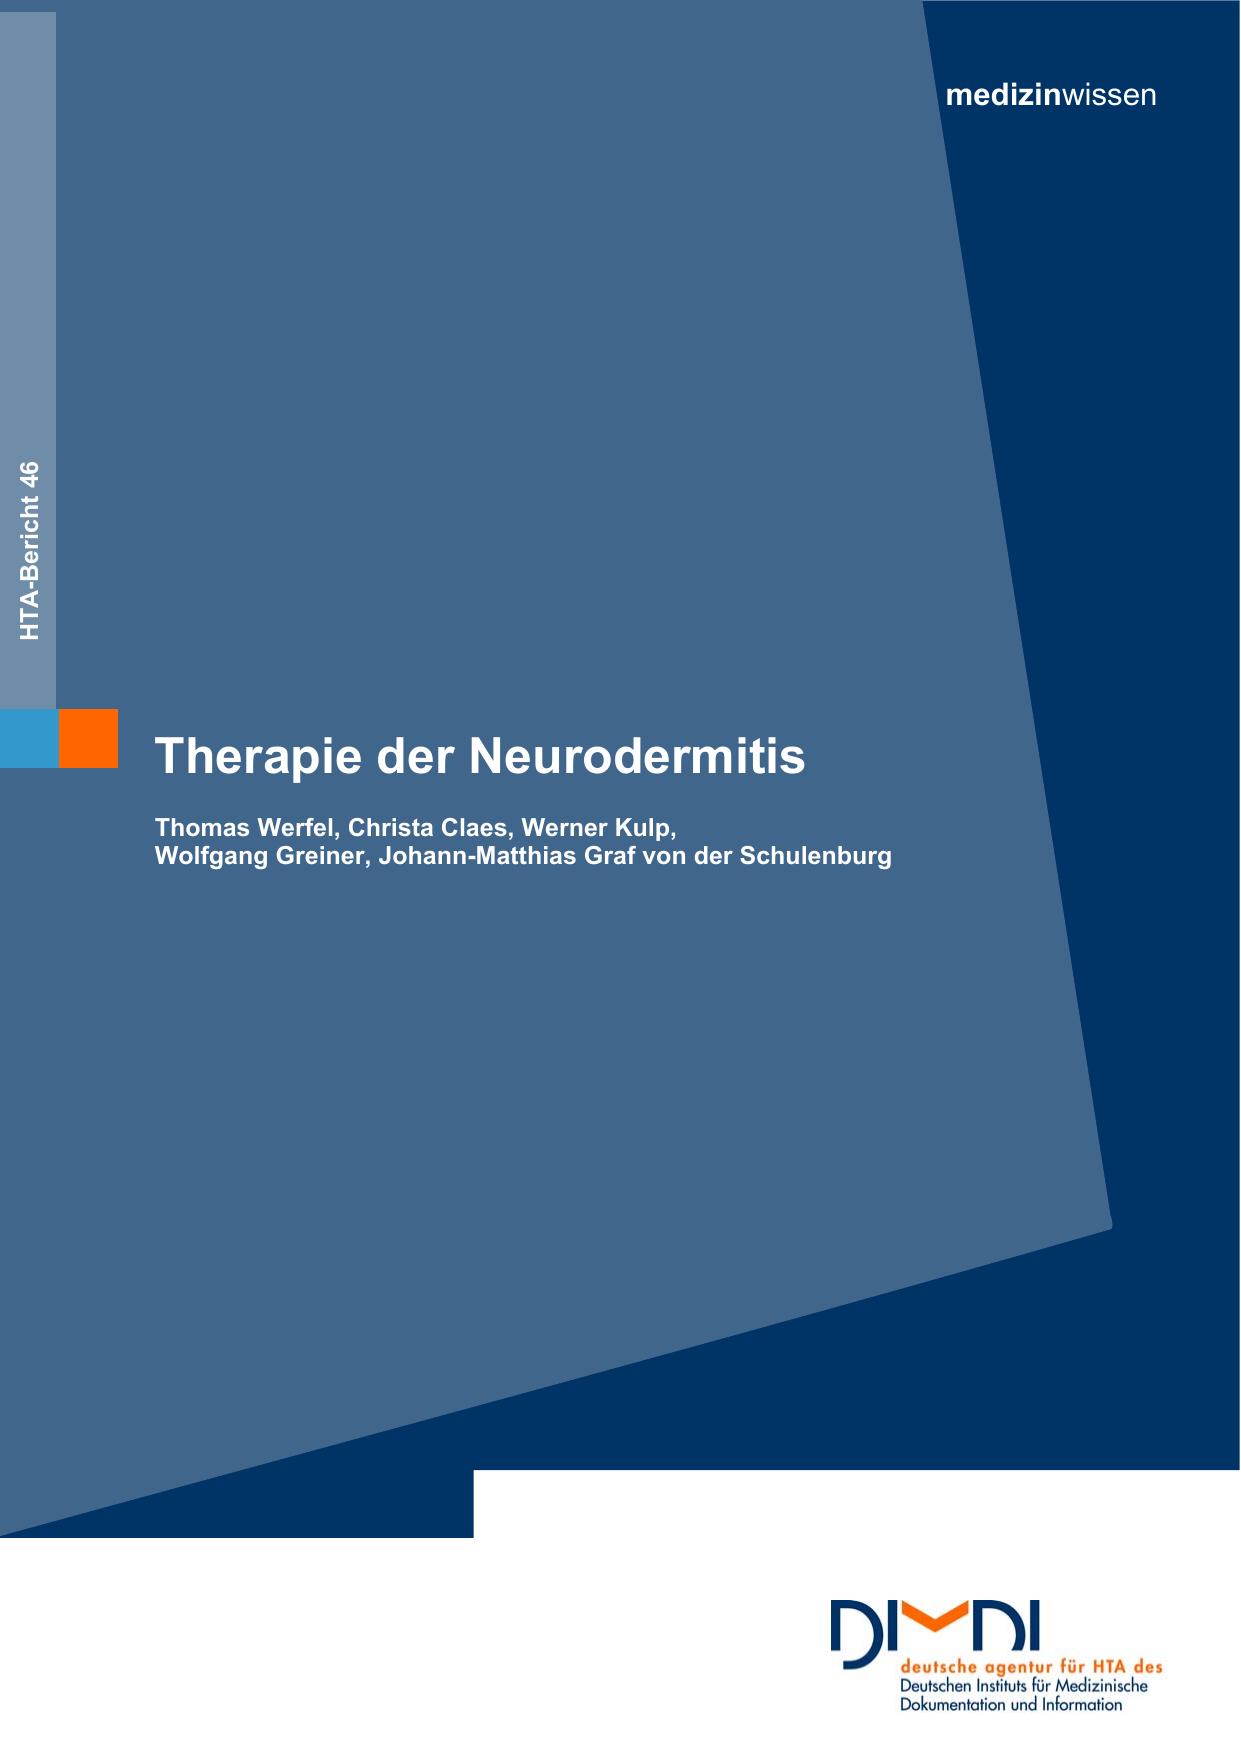 Therapie der Neurodermitis |